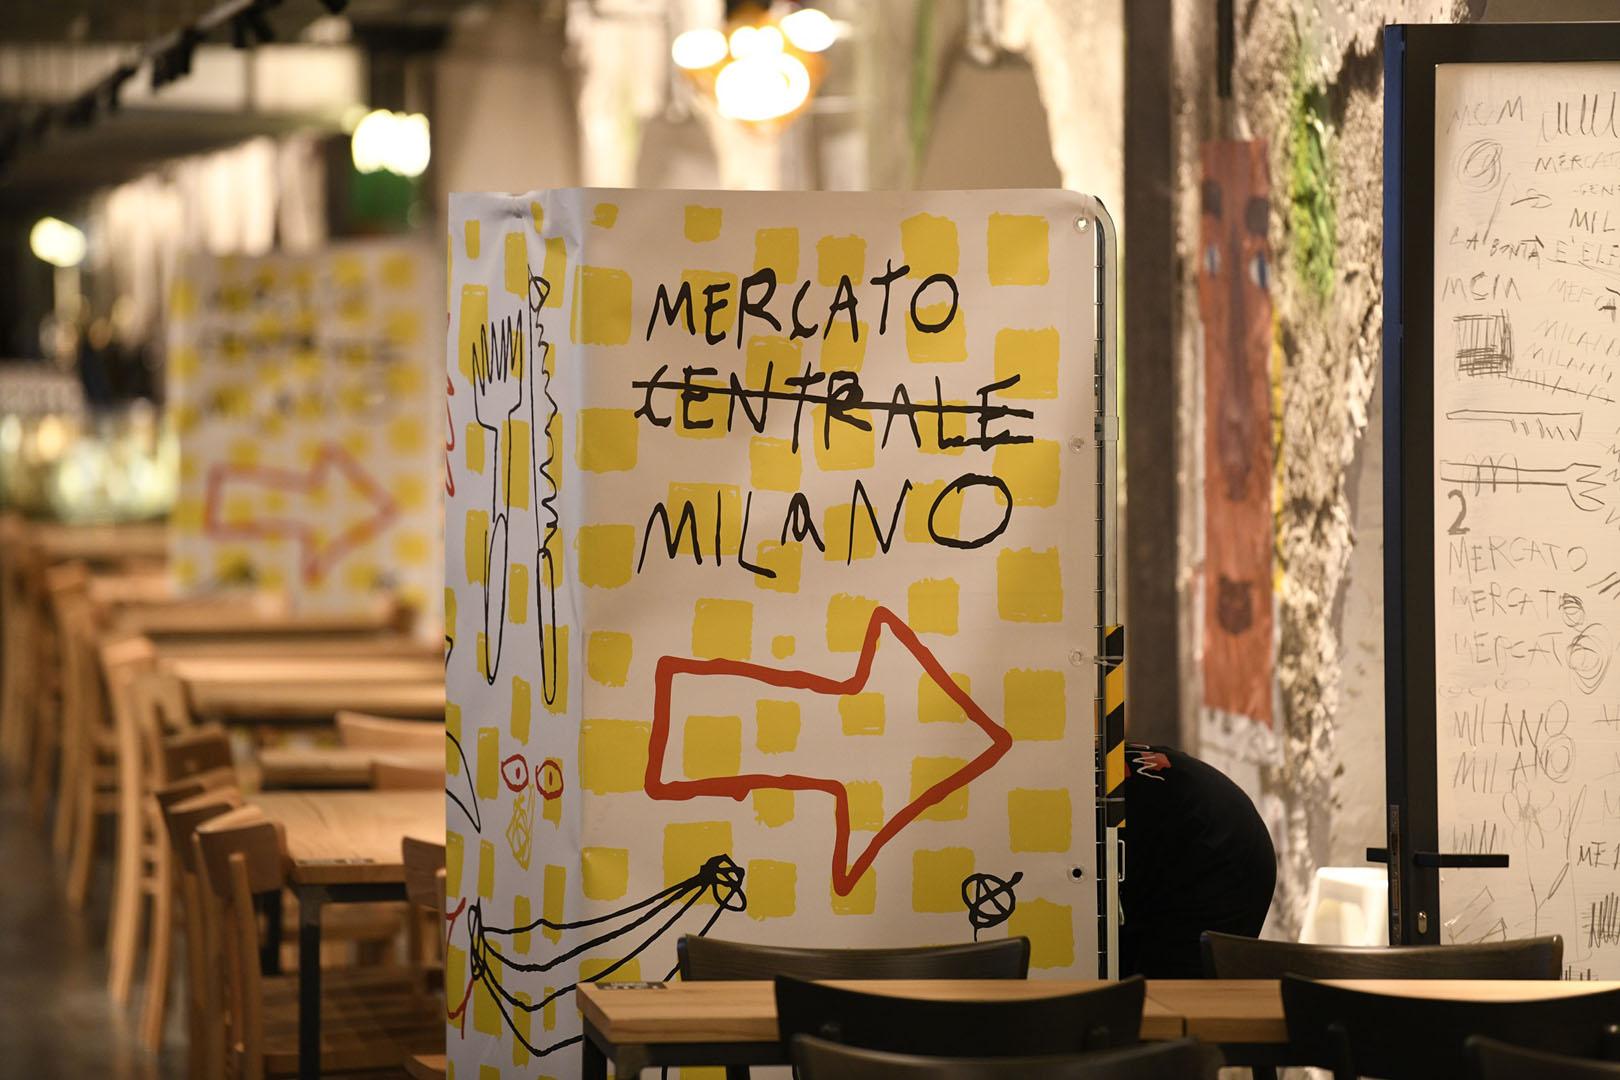 Il Mercato Centrale Milano